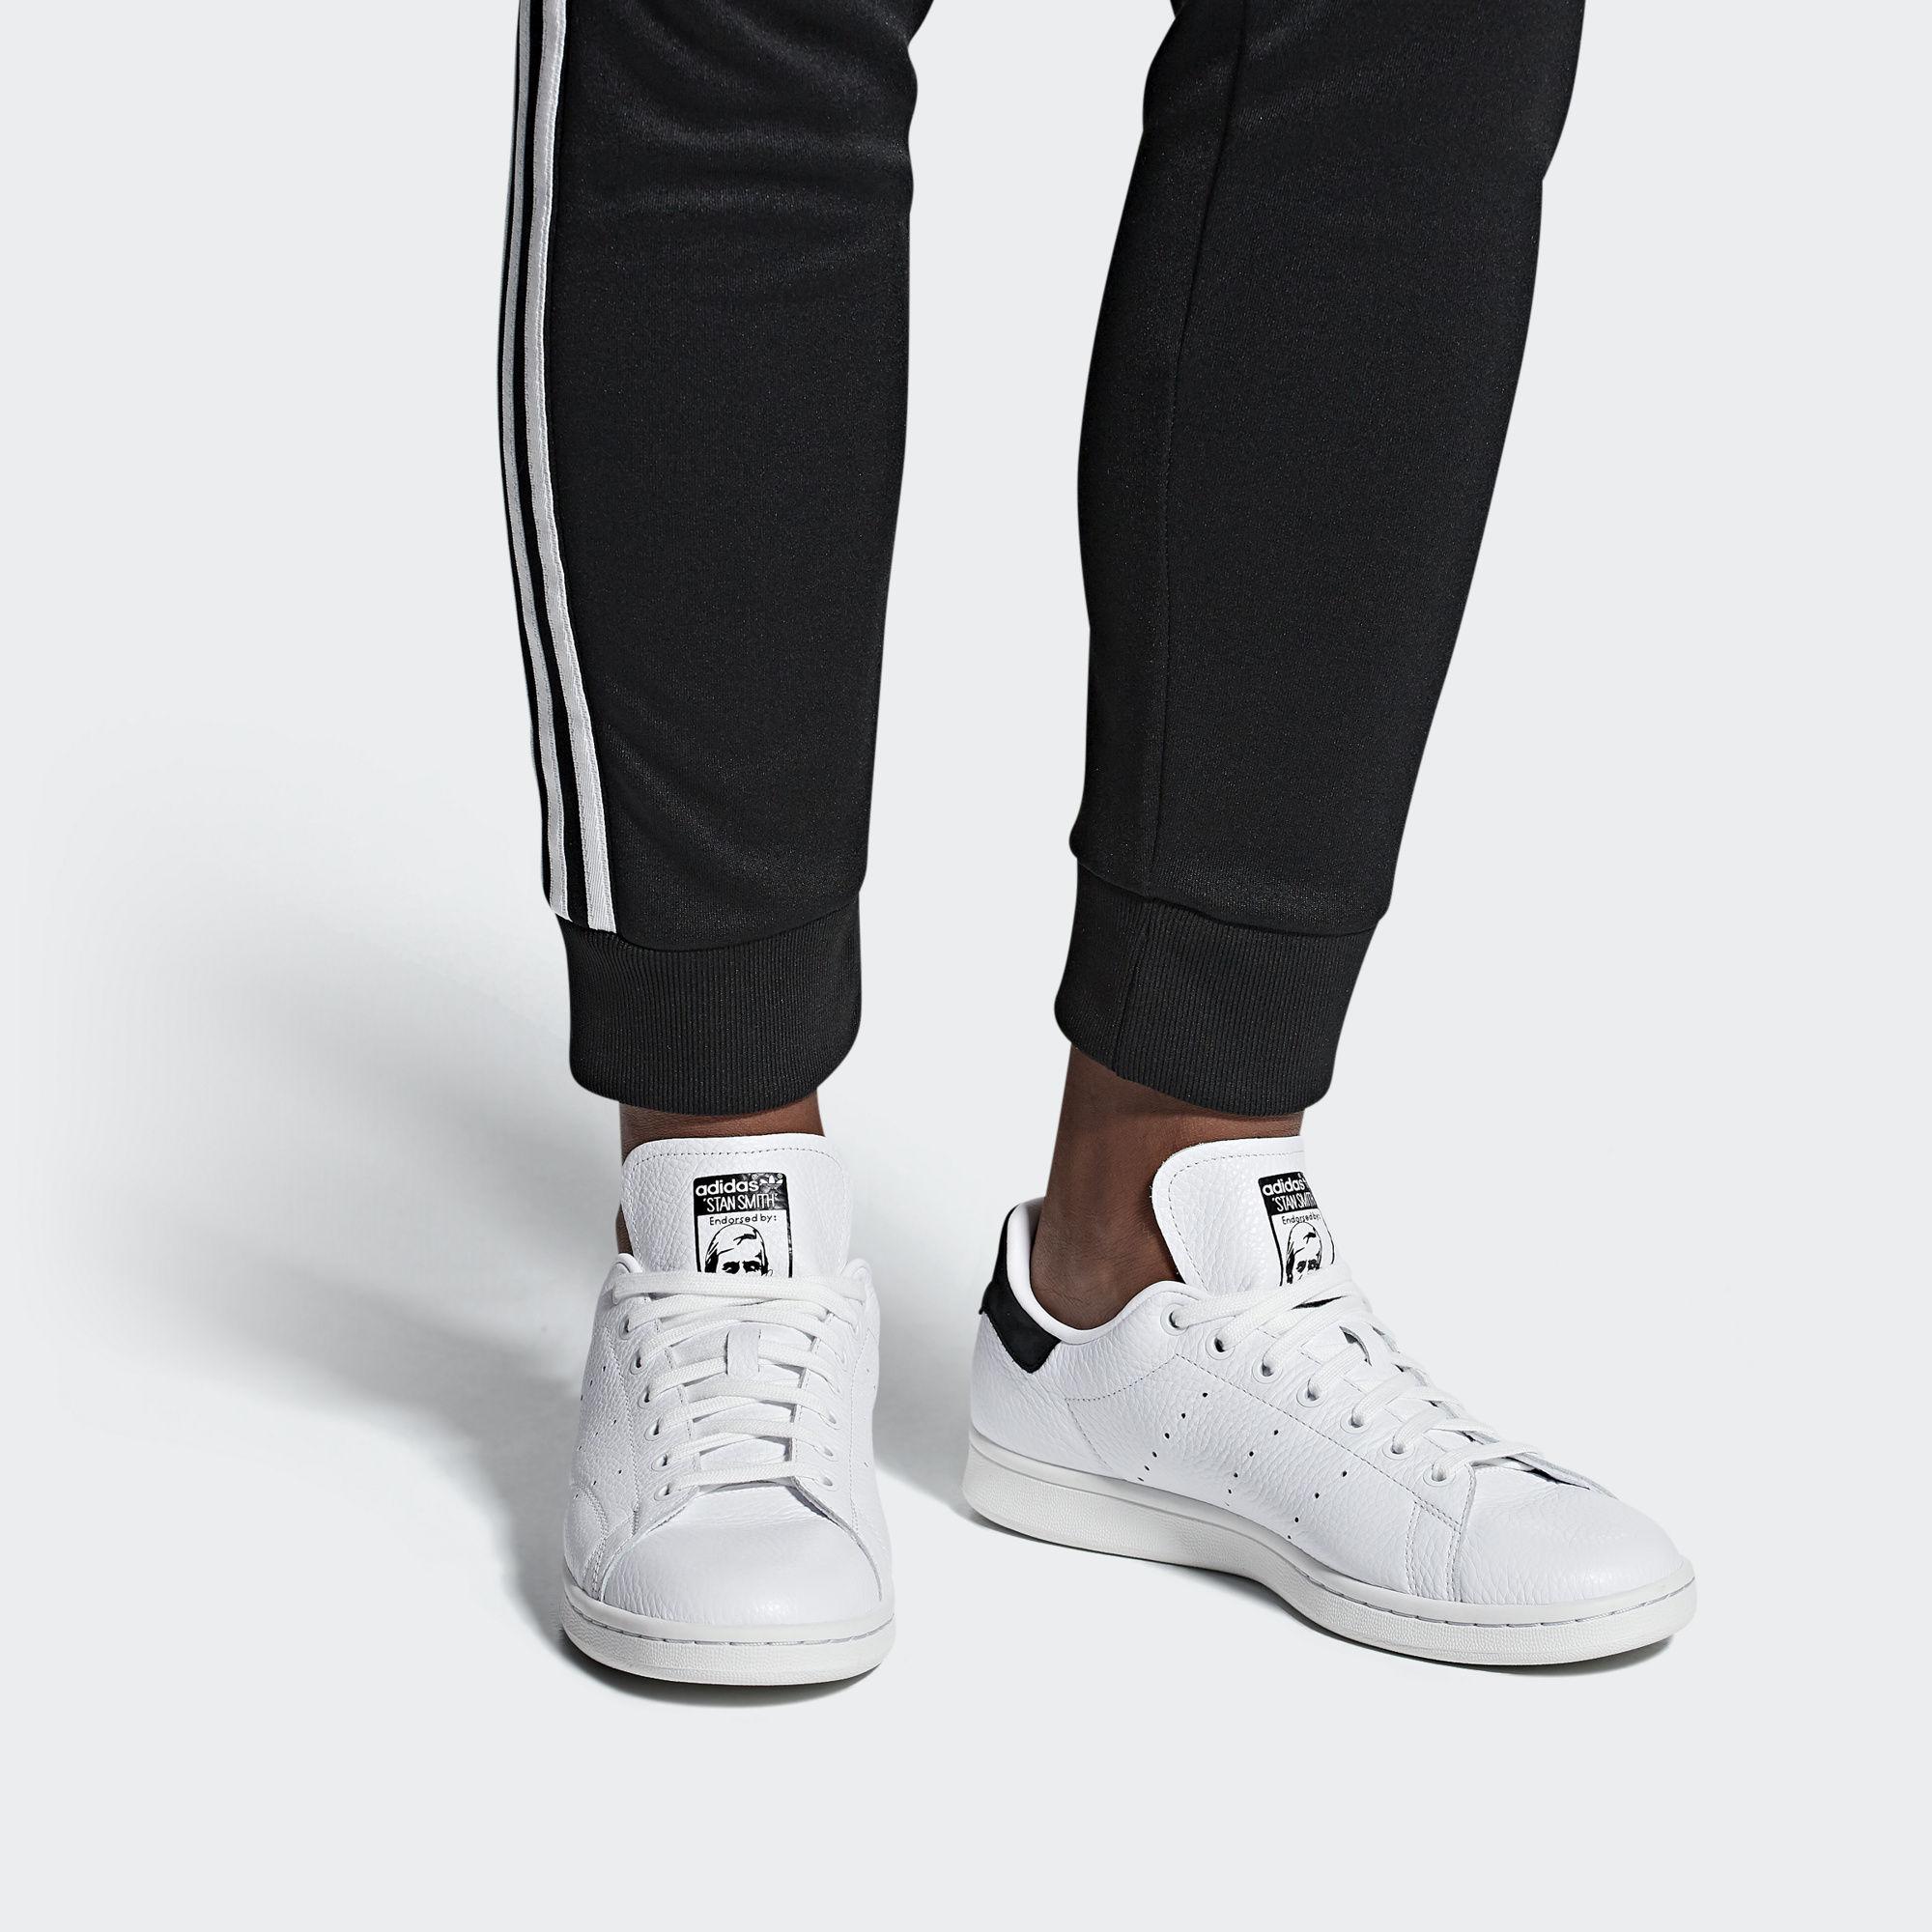 Кроссовки Stan Smith BD7436 adidas Originals - Украина   ONETEAM